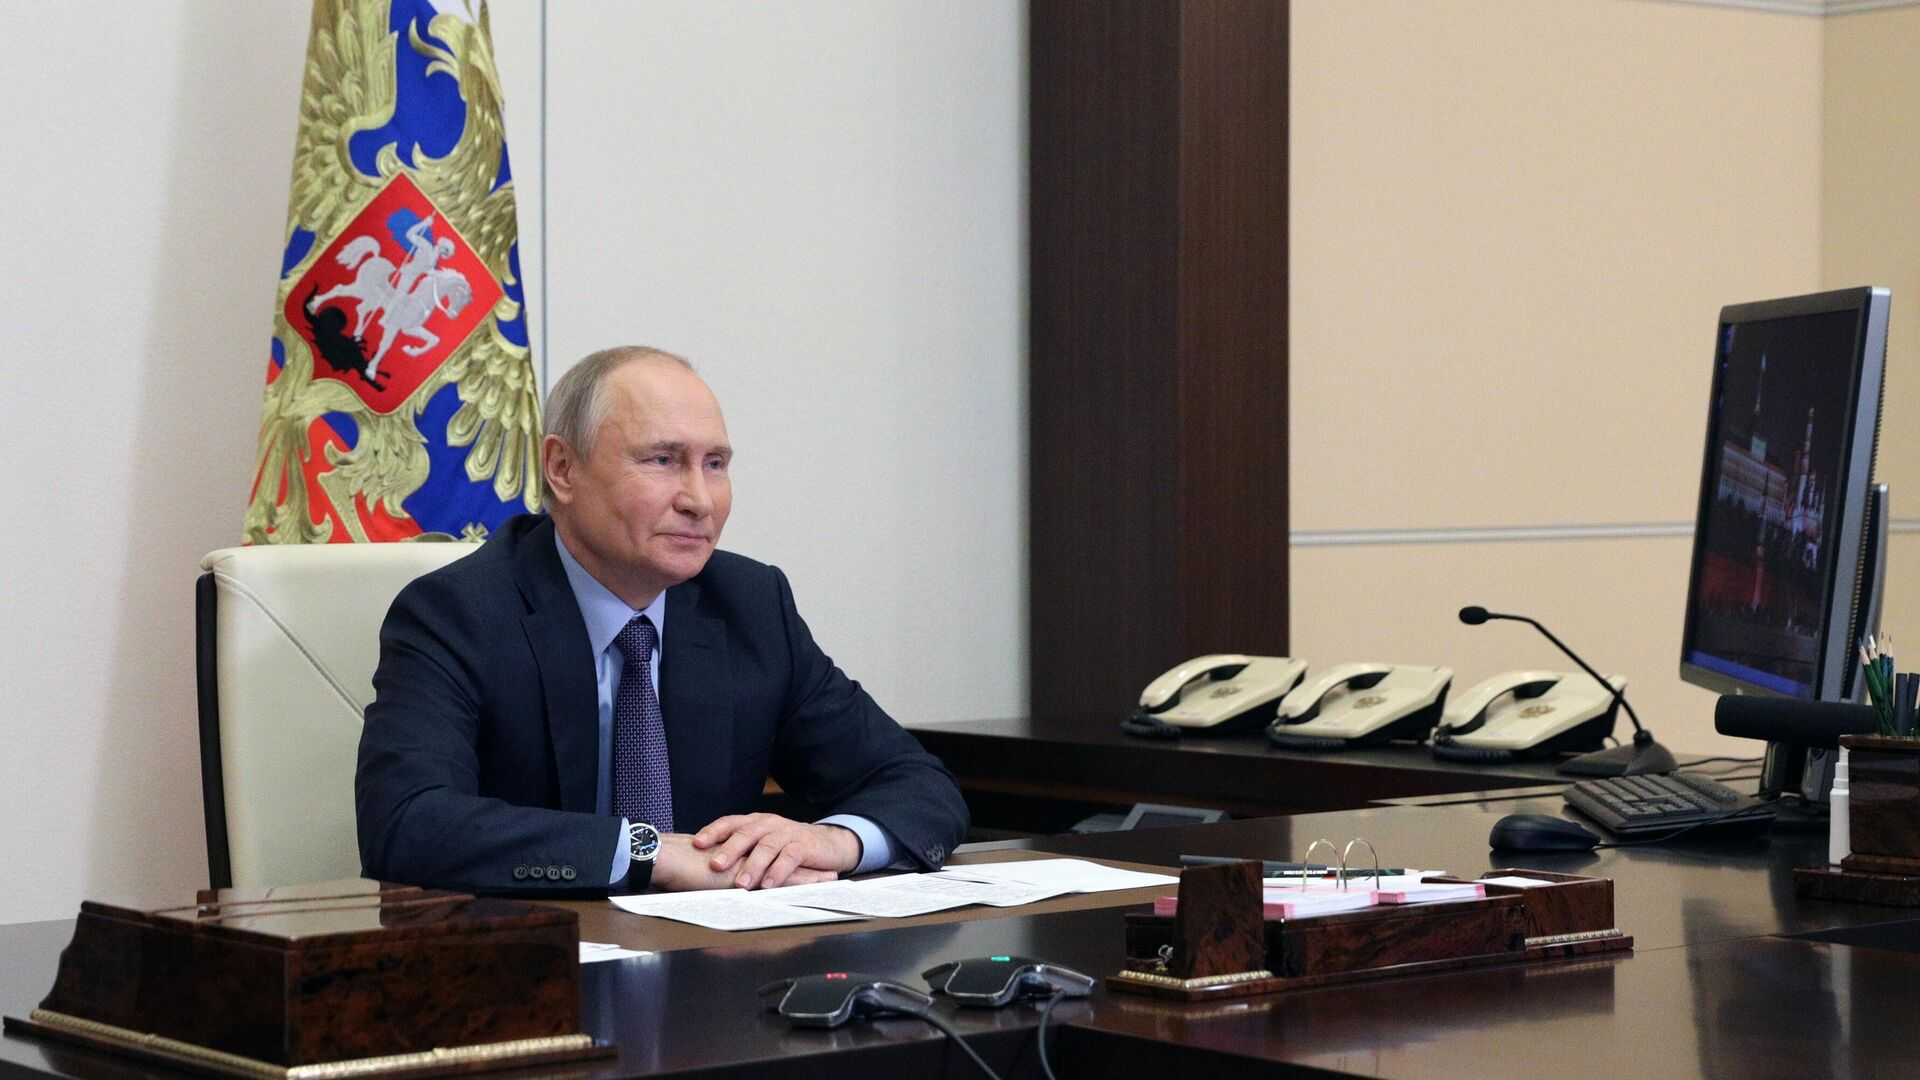 Vladímir Putin, el presidente de Rusia, participa en la ceremonia del inicio de la producción en la planta de gas de Amur por videoconferencia - Sputnik Mundo, 1920, 09.06.2021